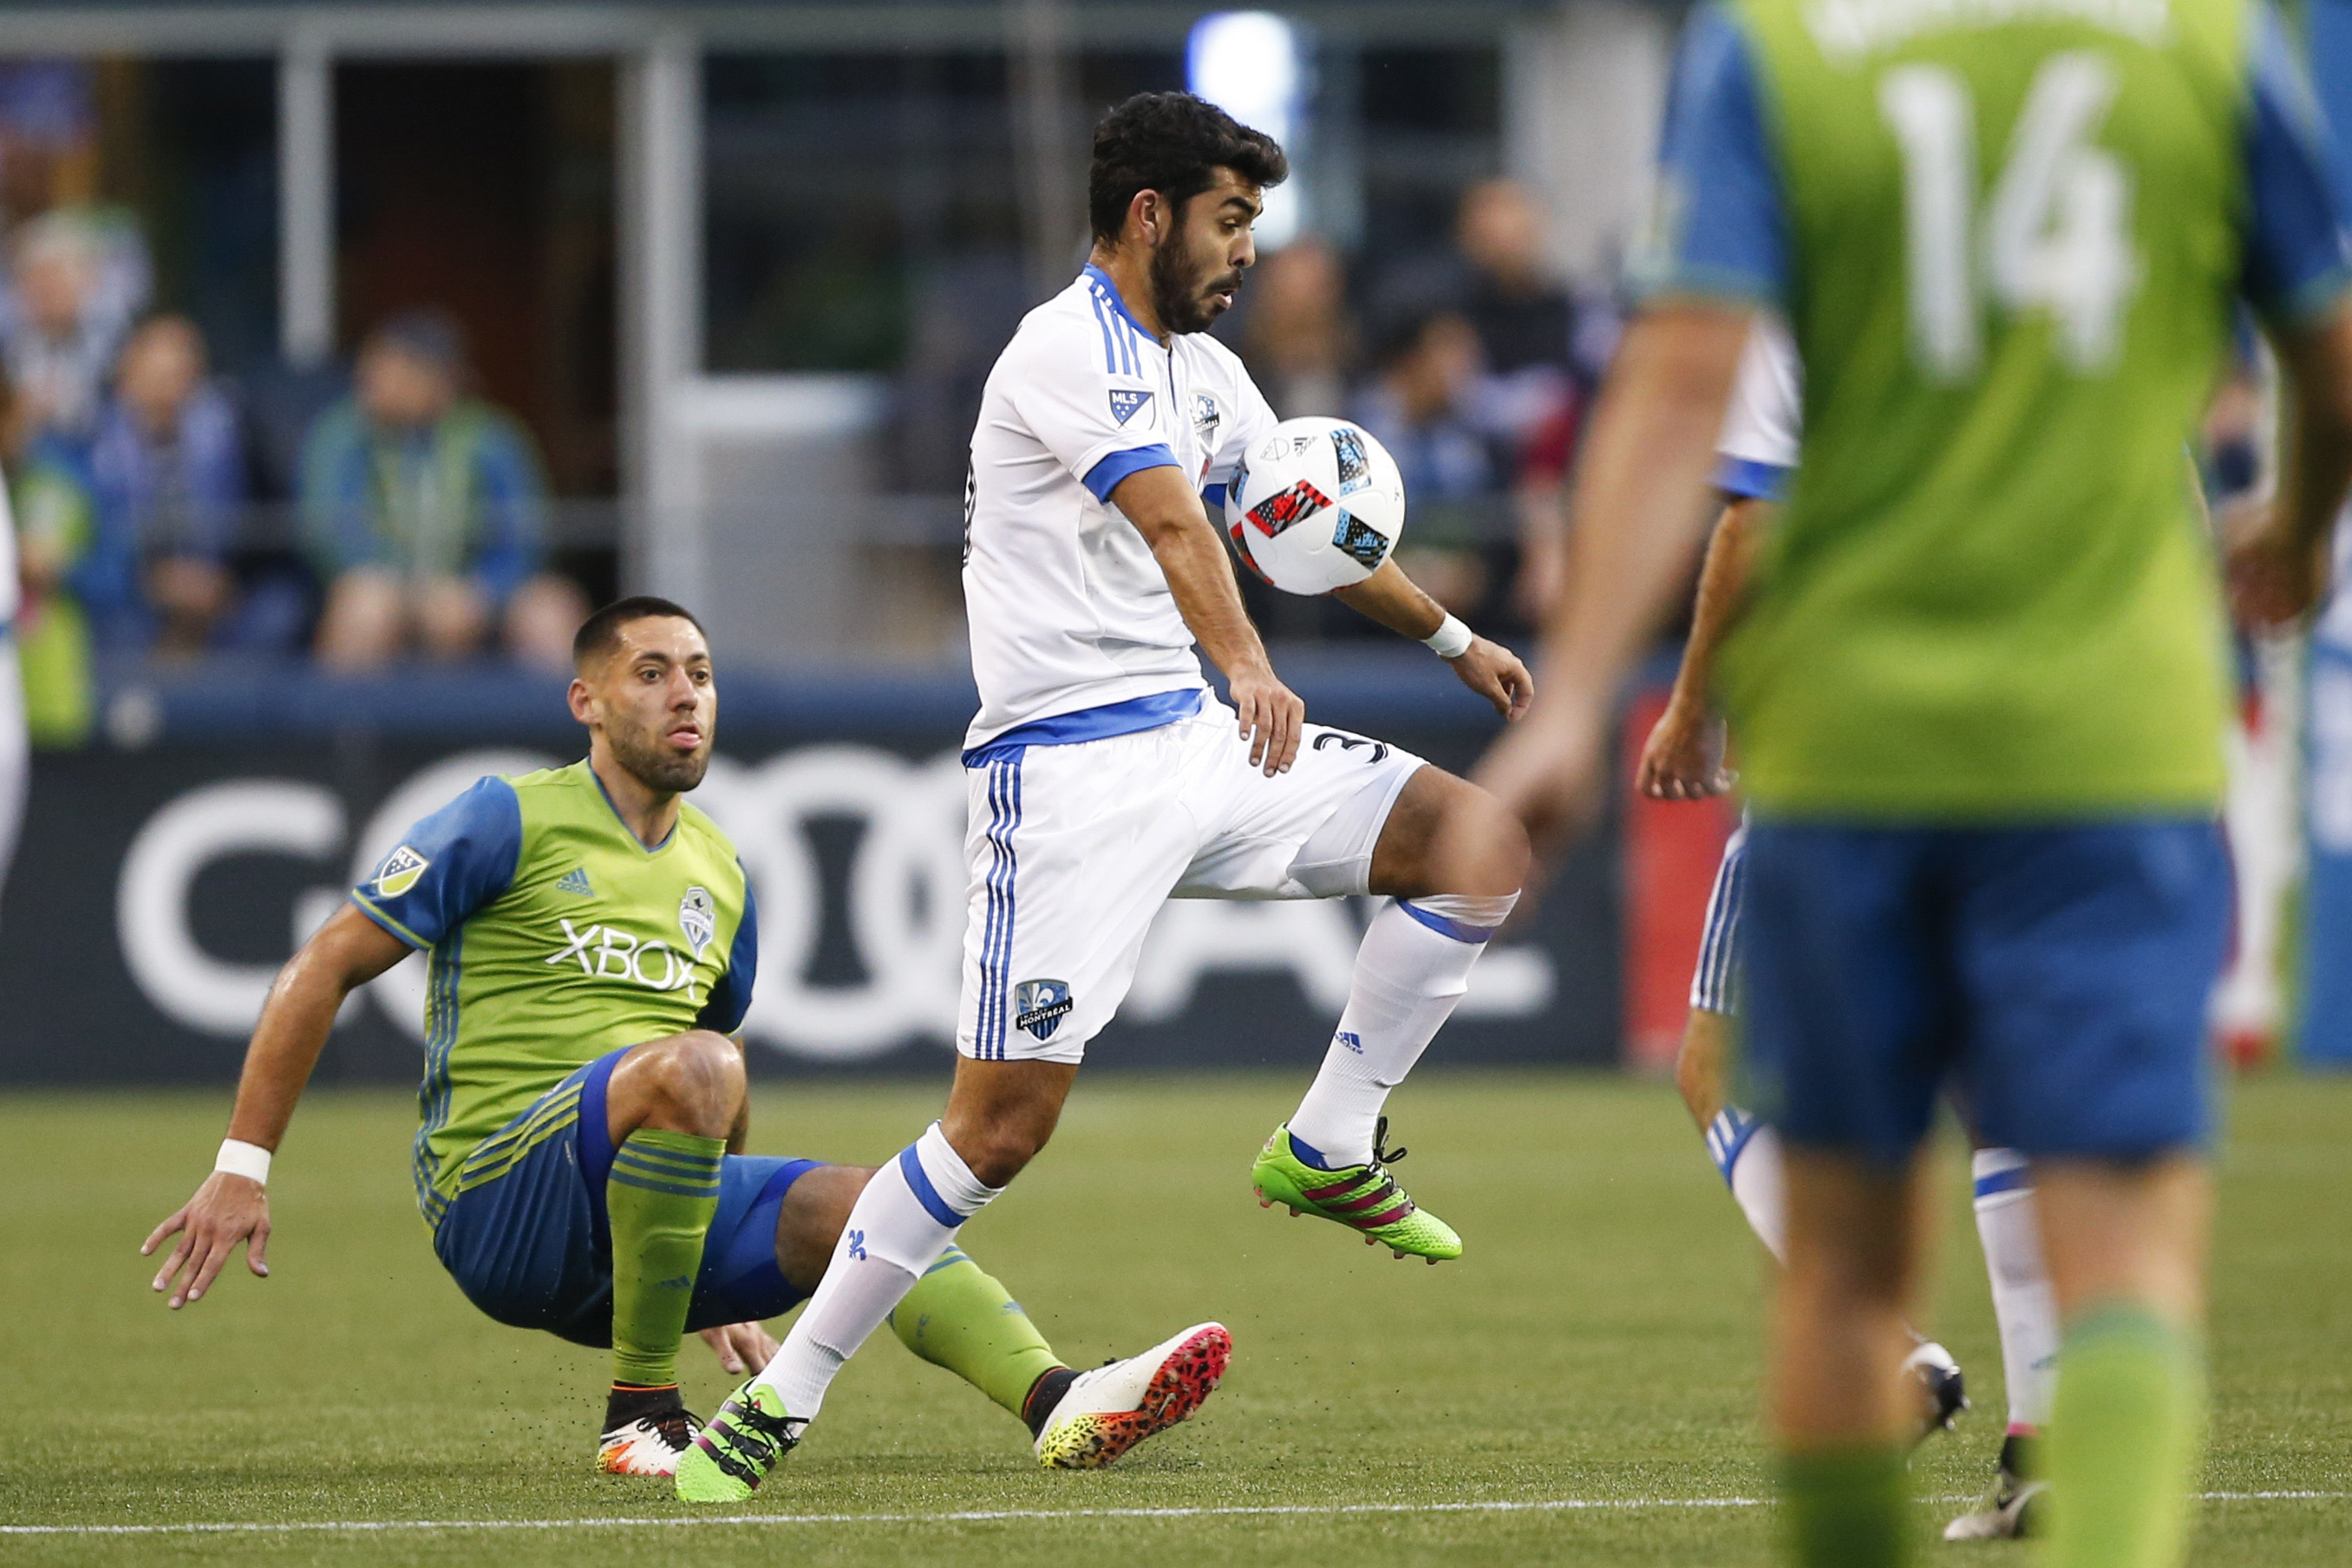 Photo by Jennifer Buchanan/USA Today Sports